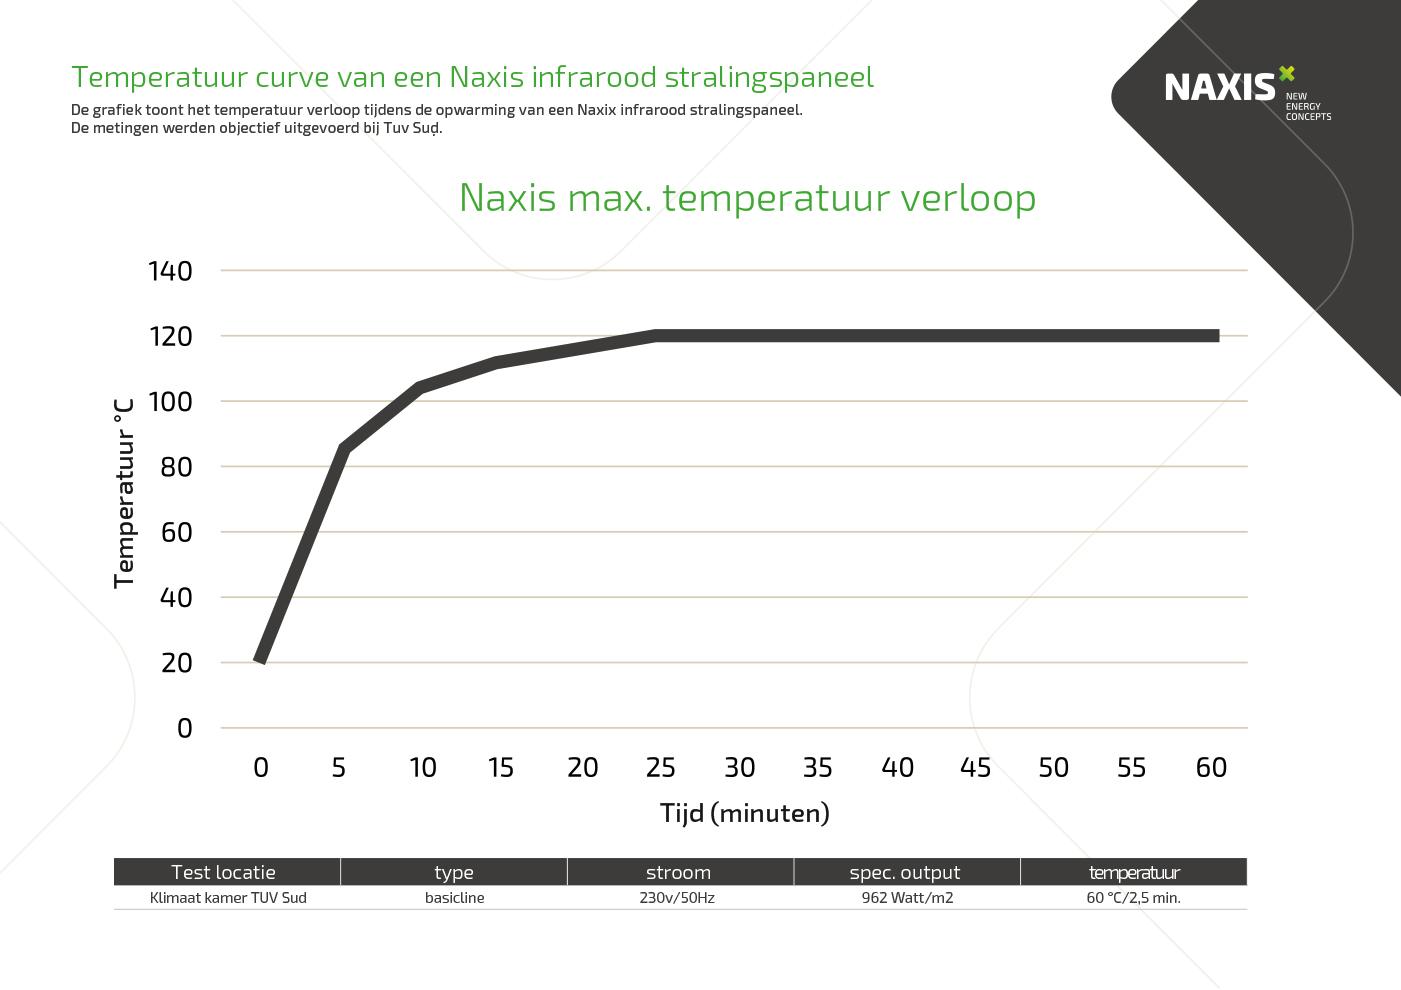 NAXIS-Temperatuur-curve-van-een-Naxis-infrarood-stralingspaneel